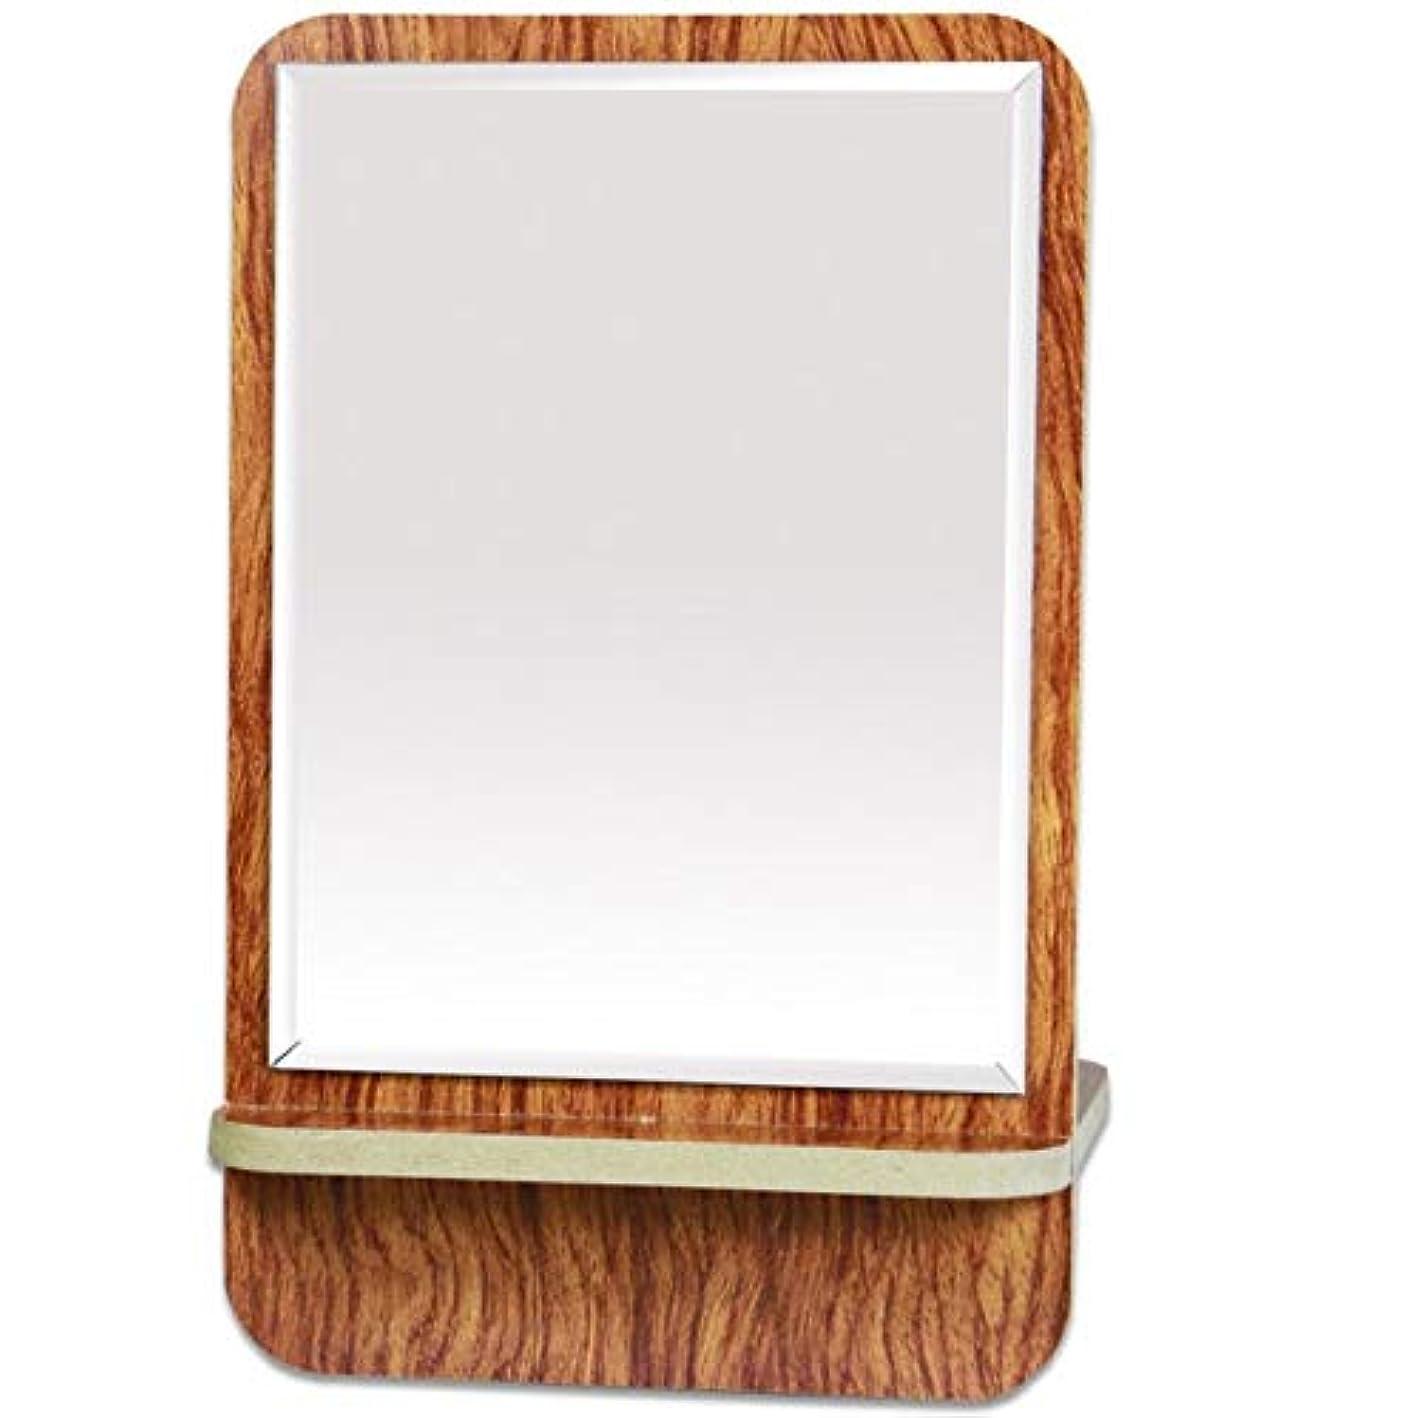 リブ麻酔薬輪郭化粧鏡、木製の鏡、デスクトップ化粧鏡、化粧ギフト